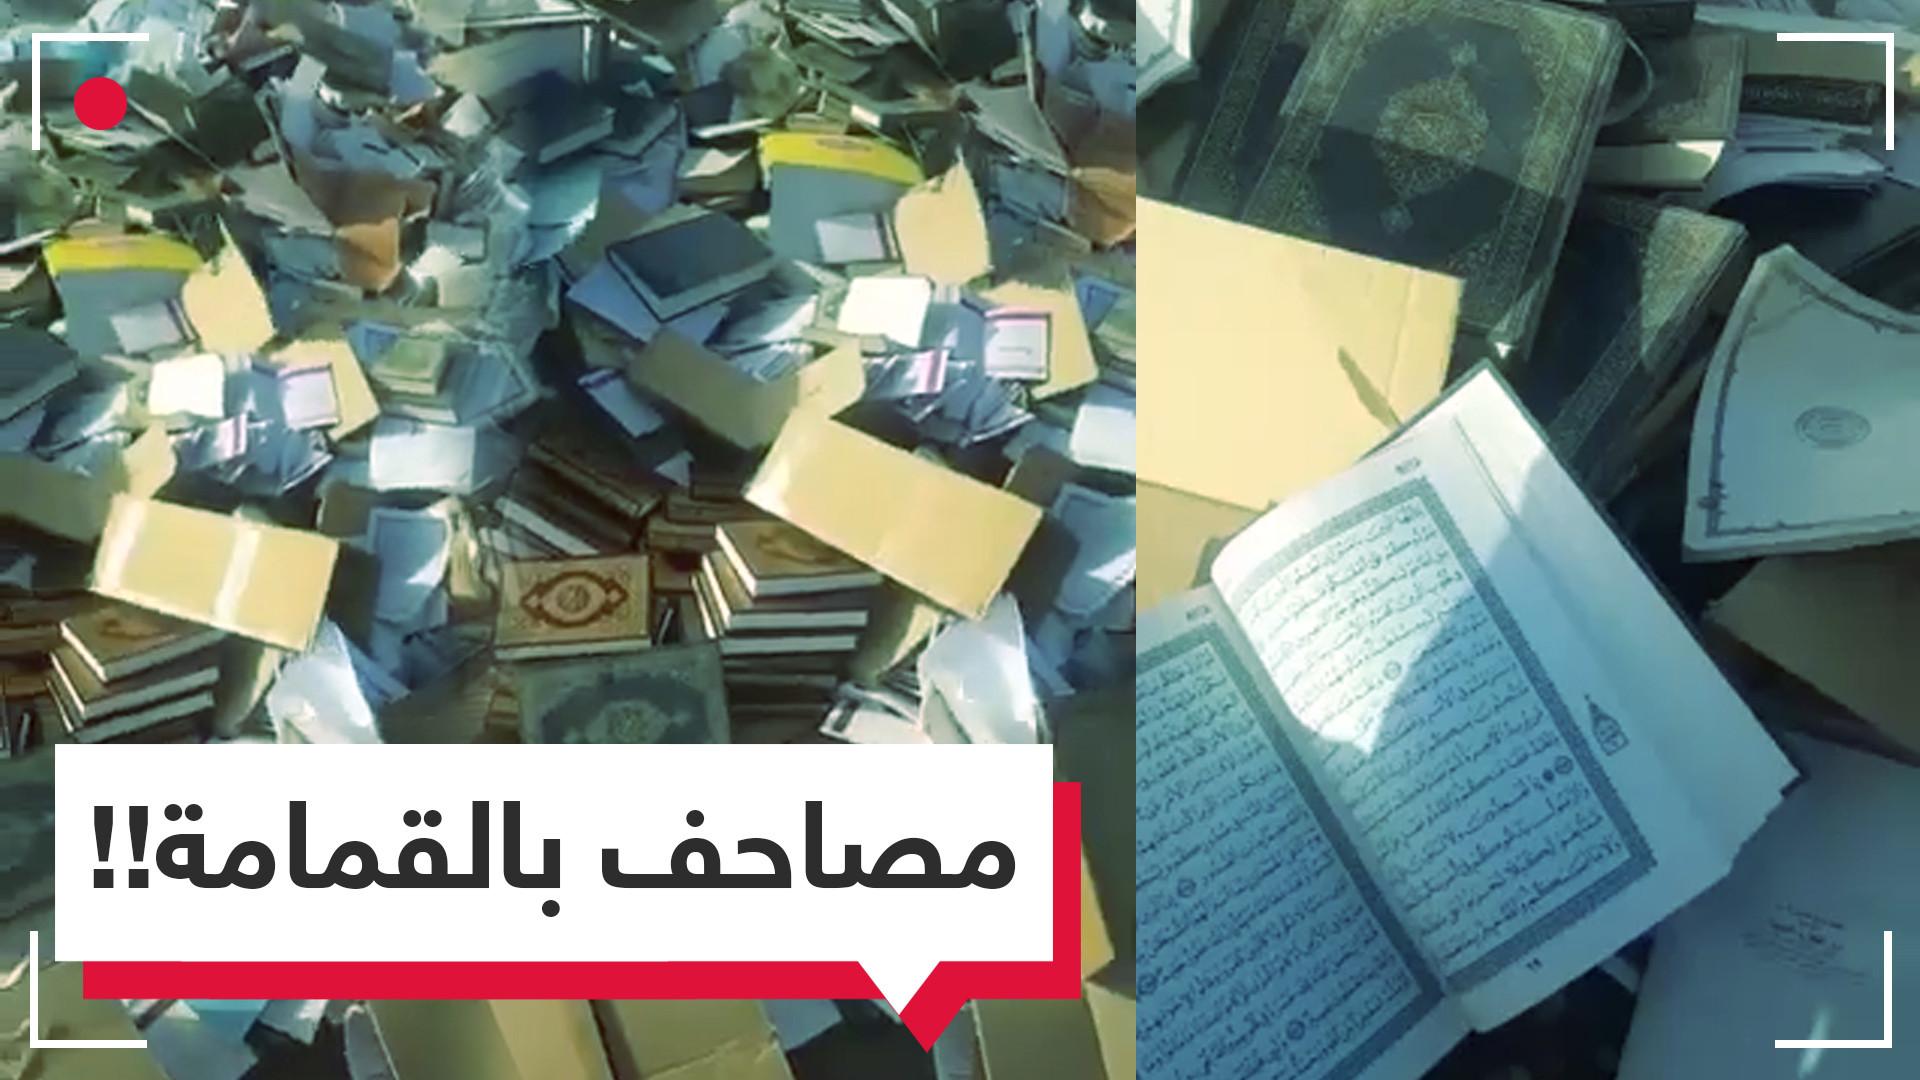 مصاحف في القمامة بالسعودية ووزارة الشؤون الإسلامية تعلق!